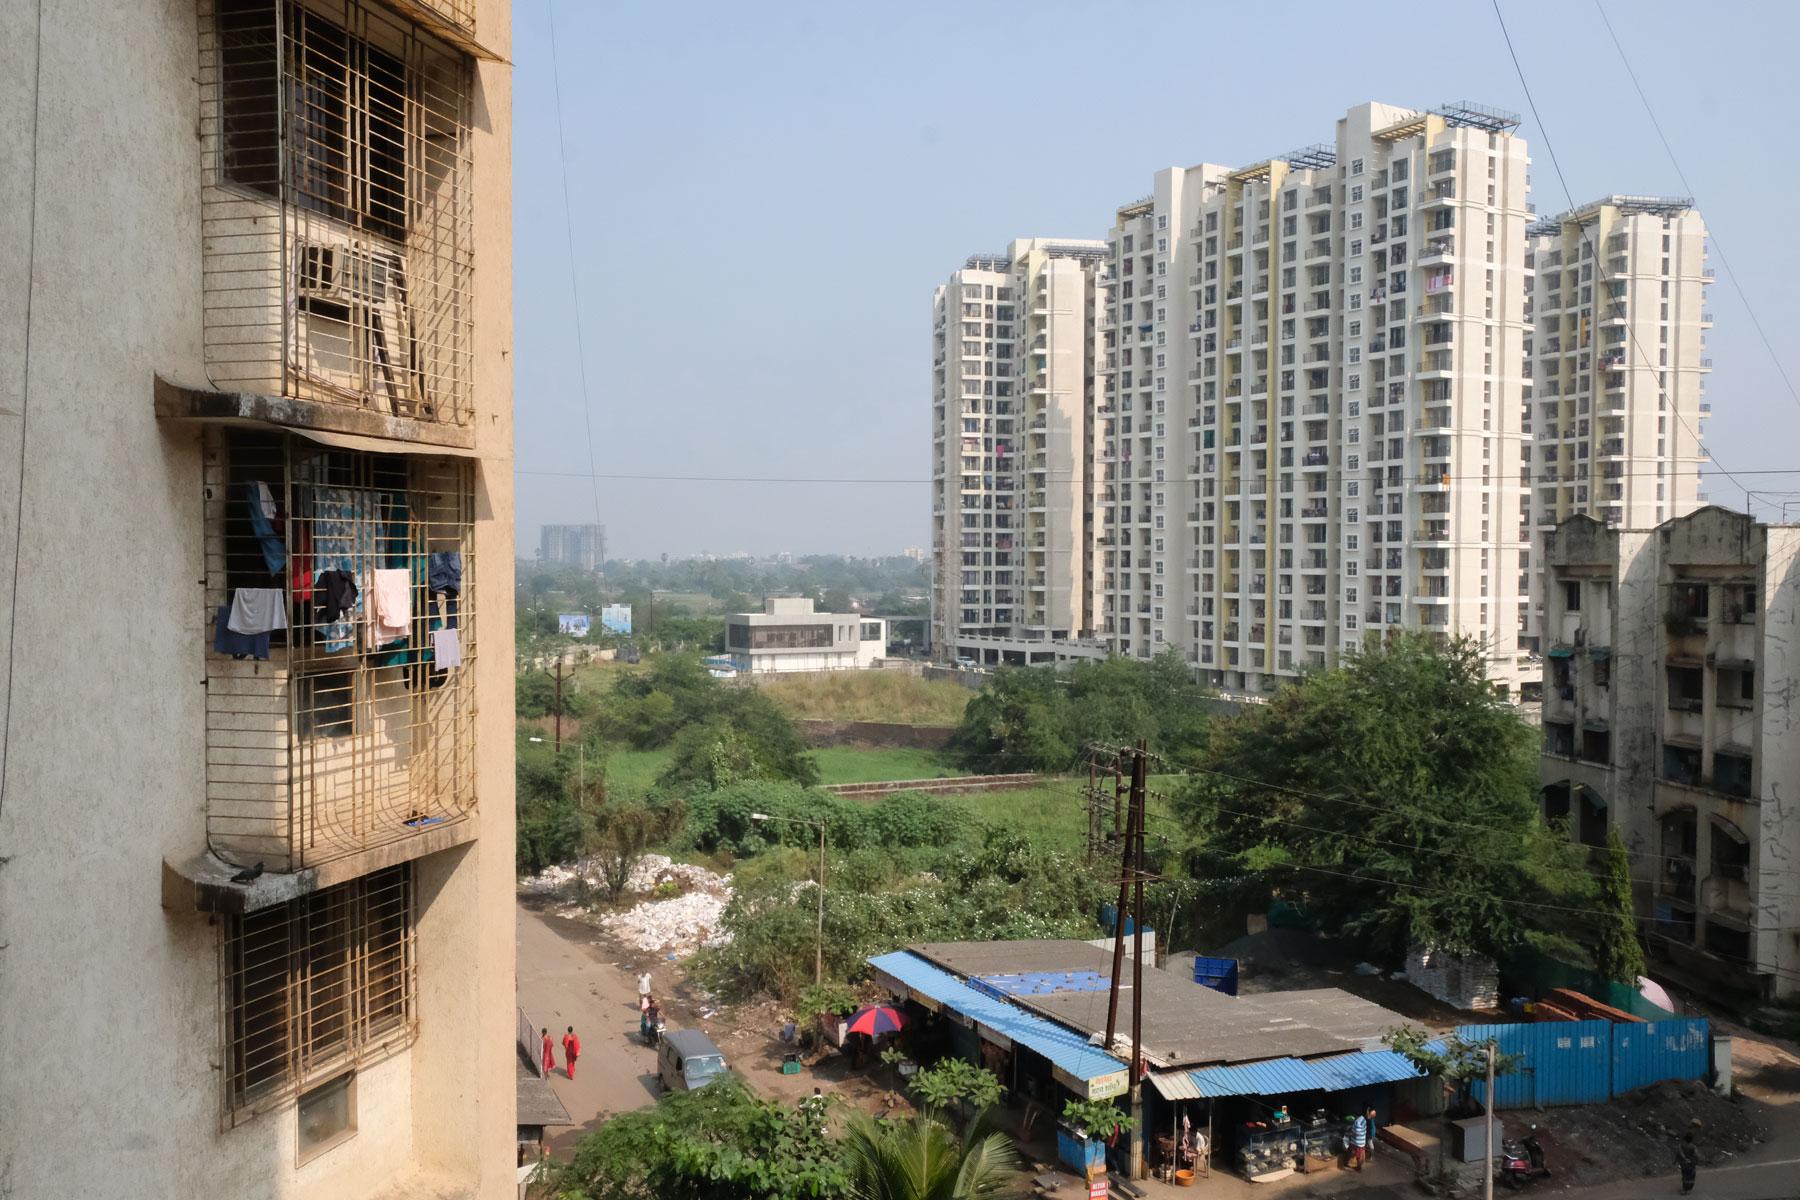 Der indische Ort Kalyan bei Mumbai.